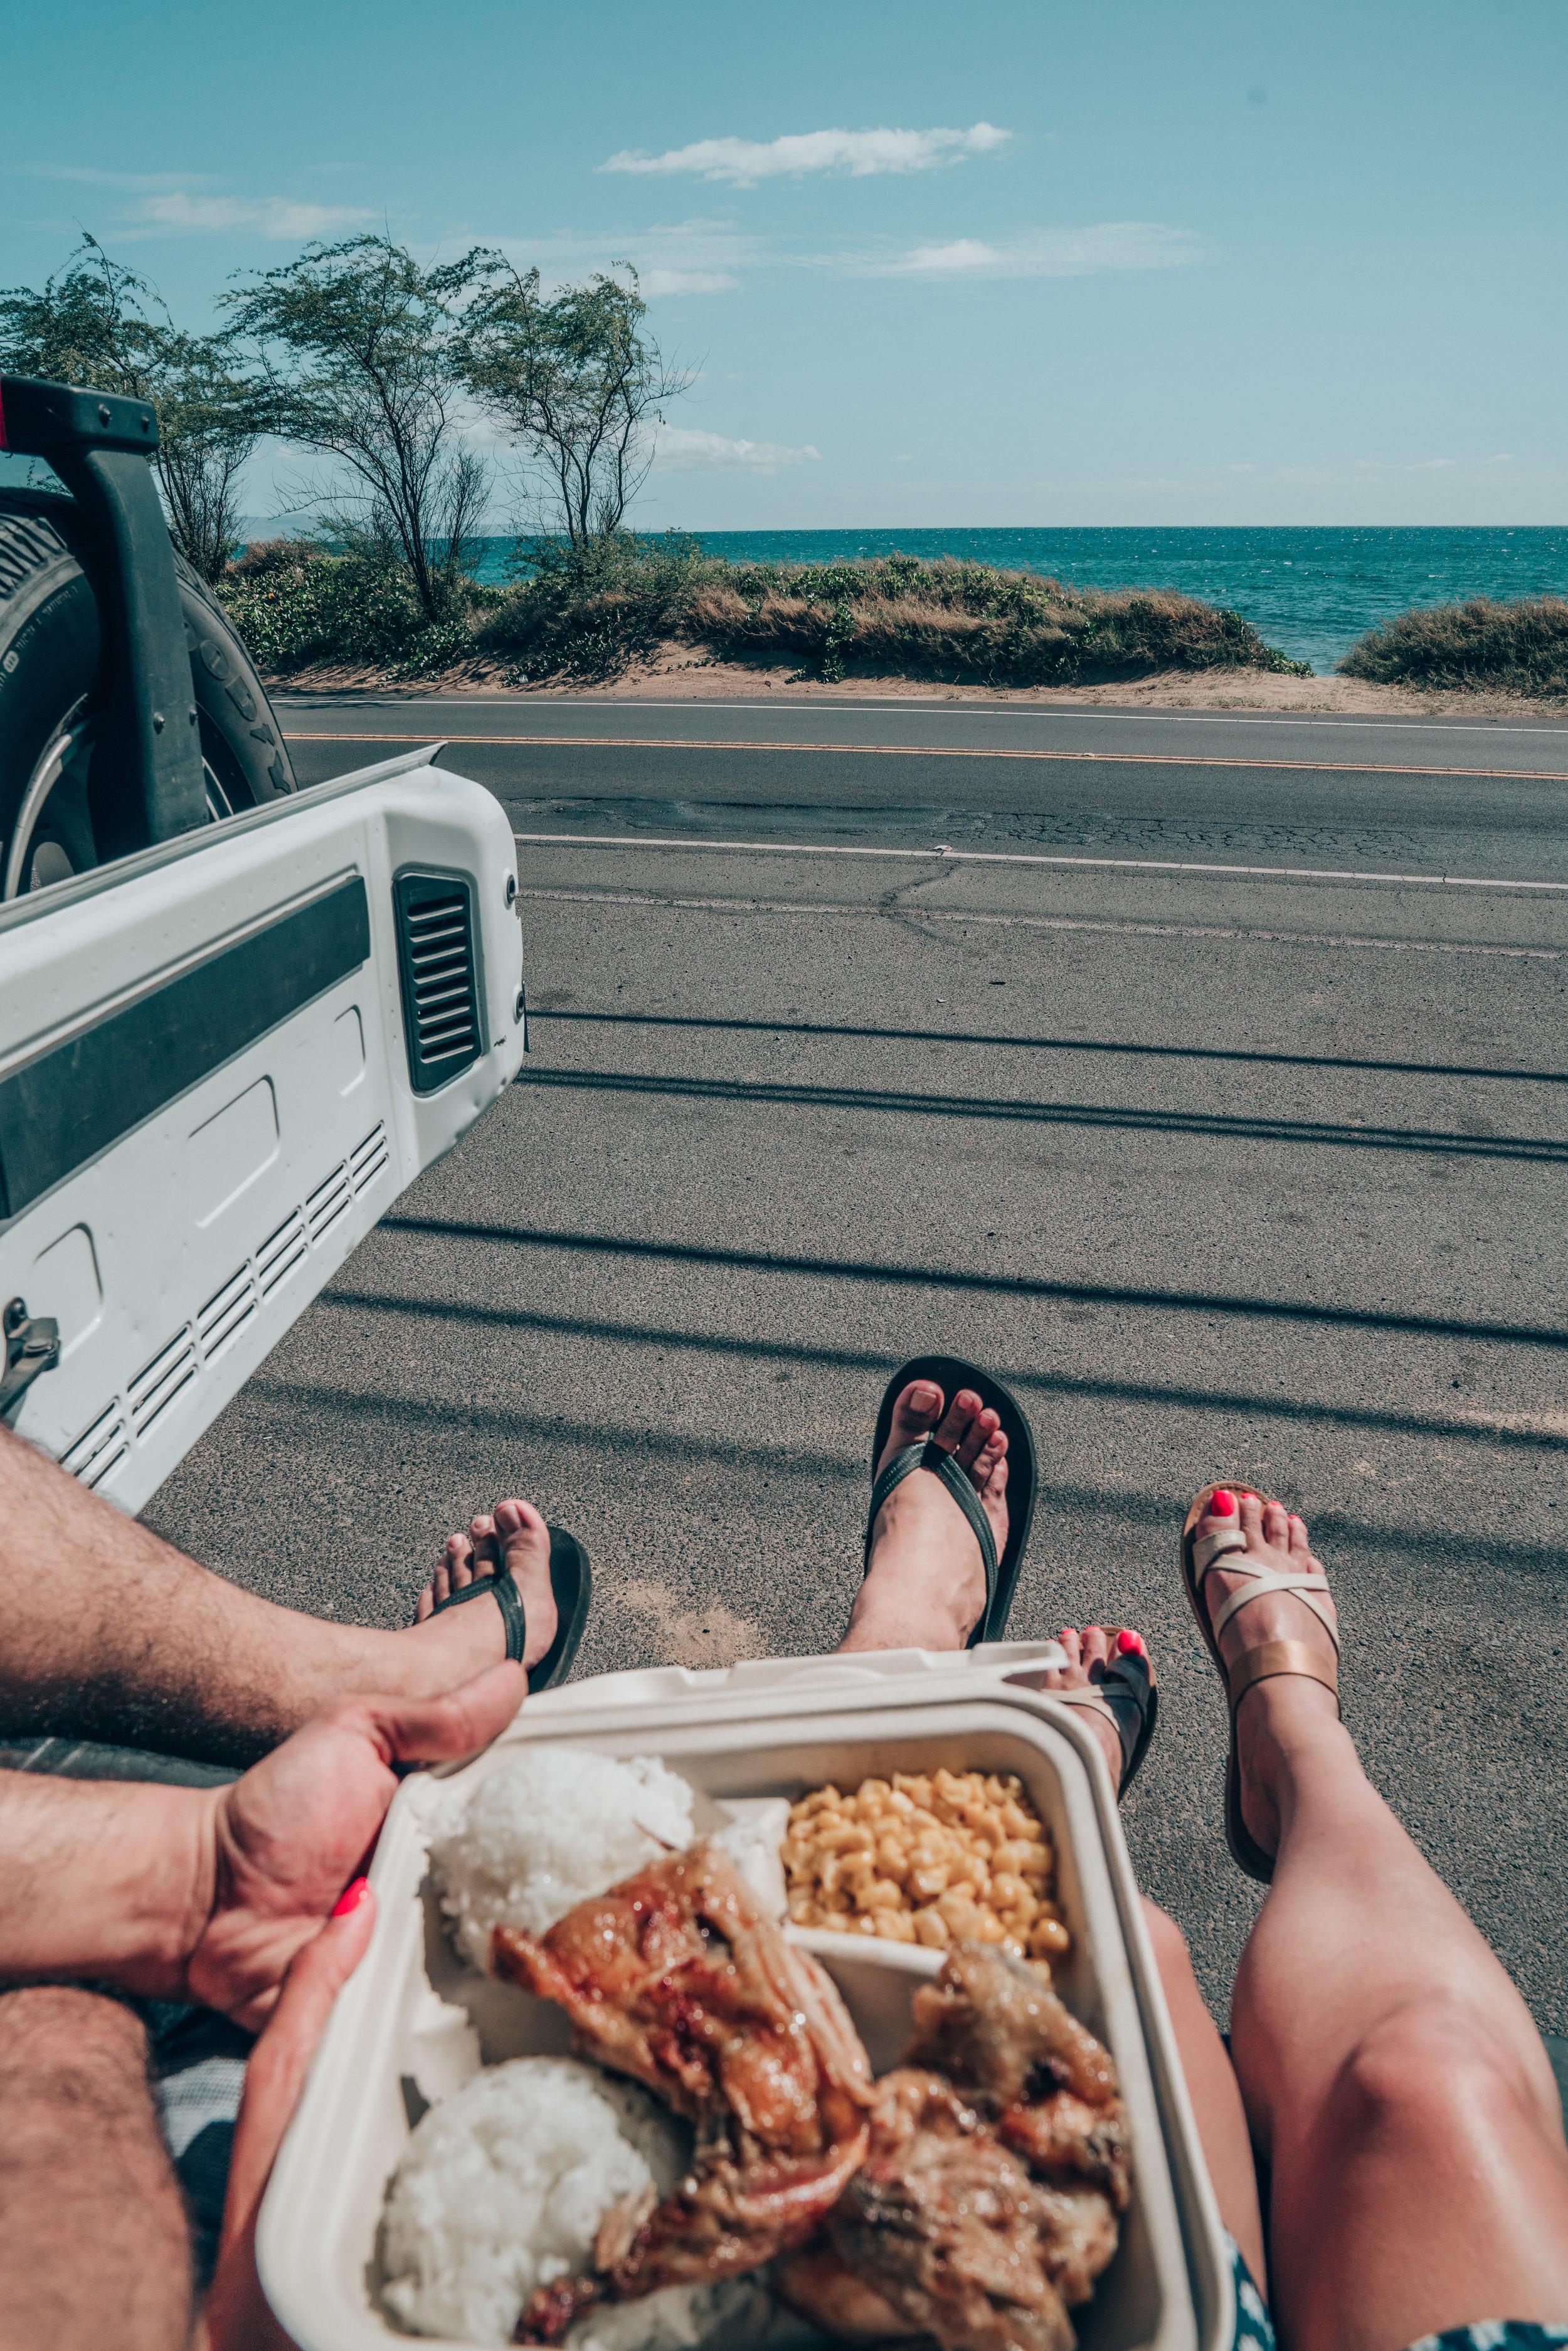 Roadside Eats at Huli Huli Chicken